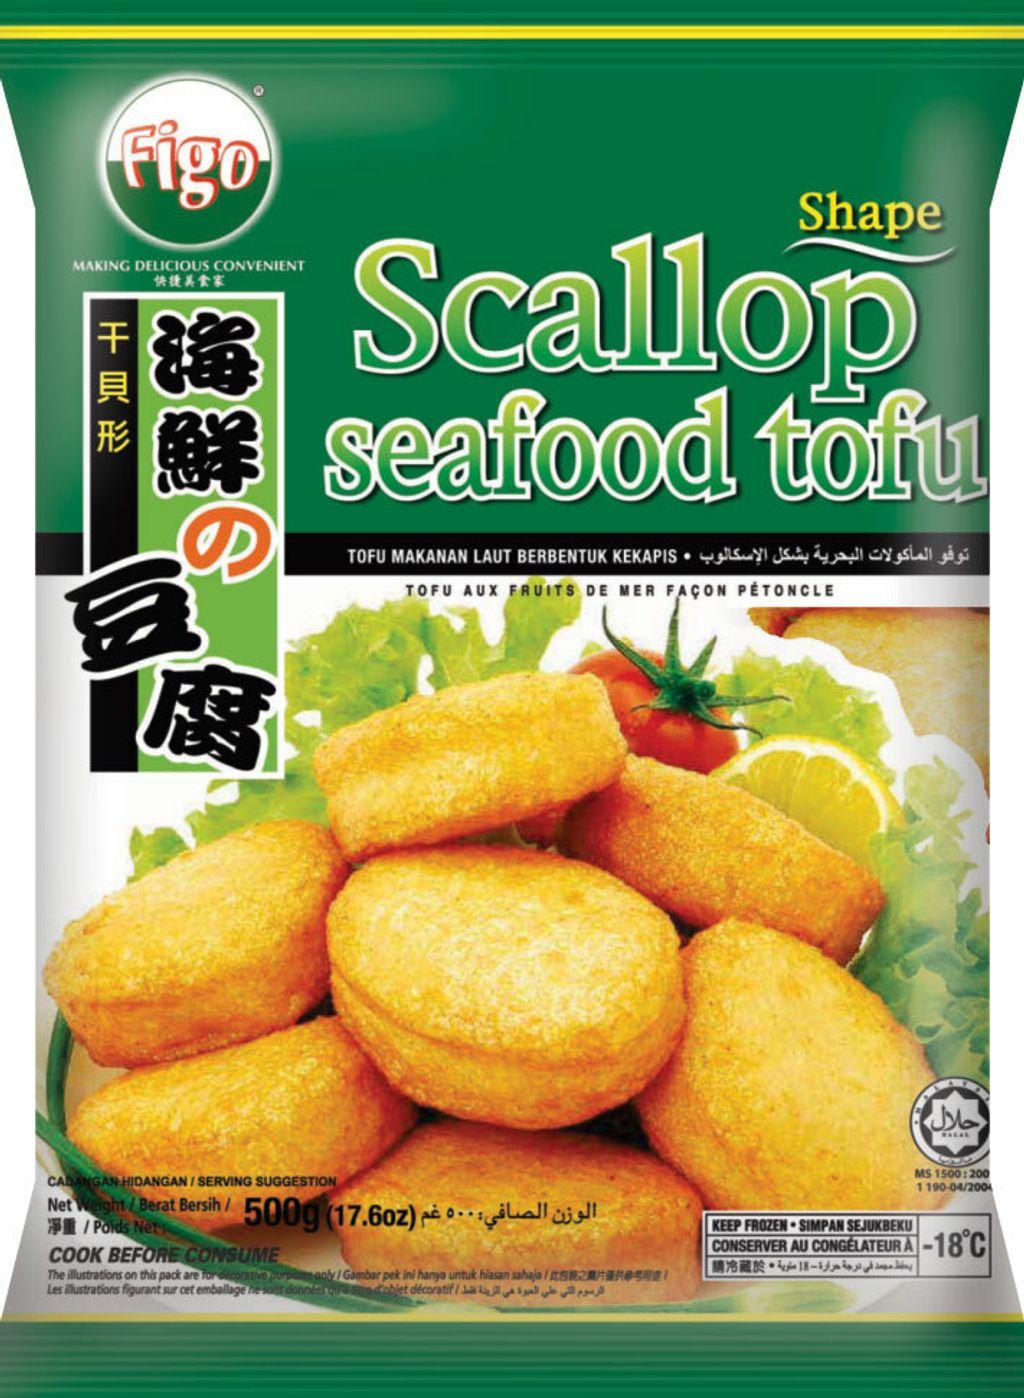 figo-scallop shape seafood tofu.jpg